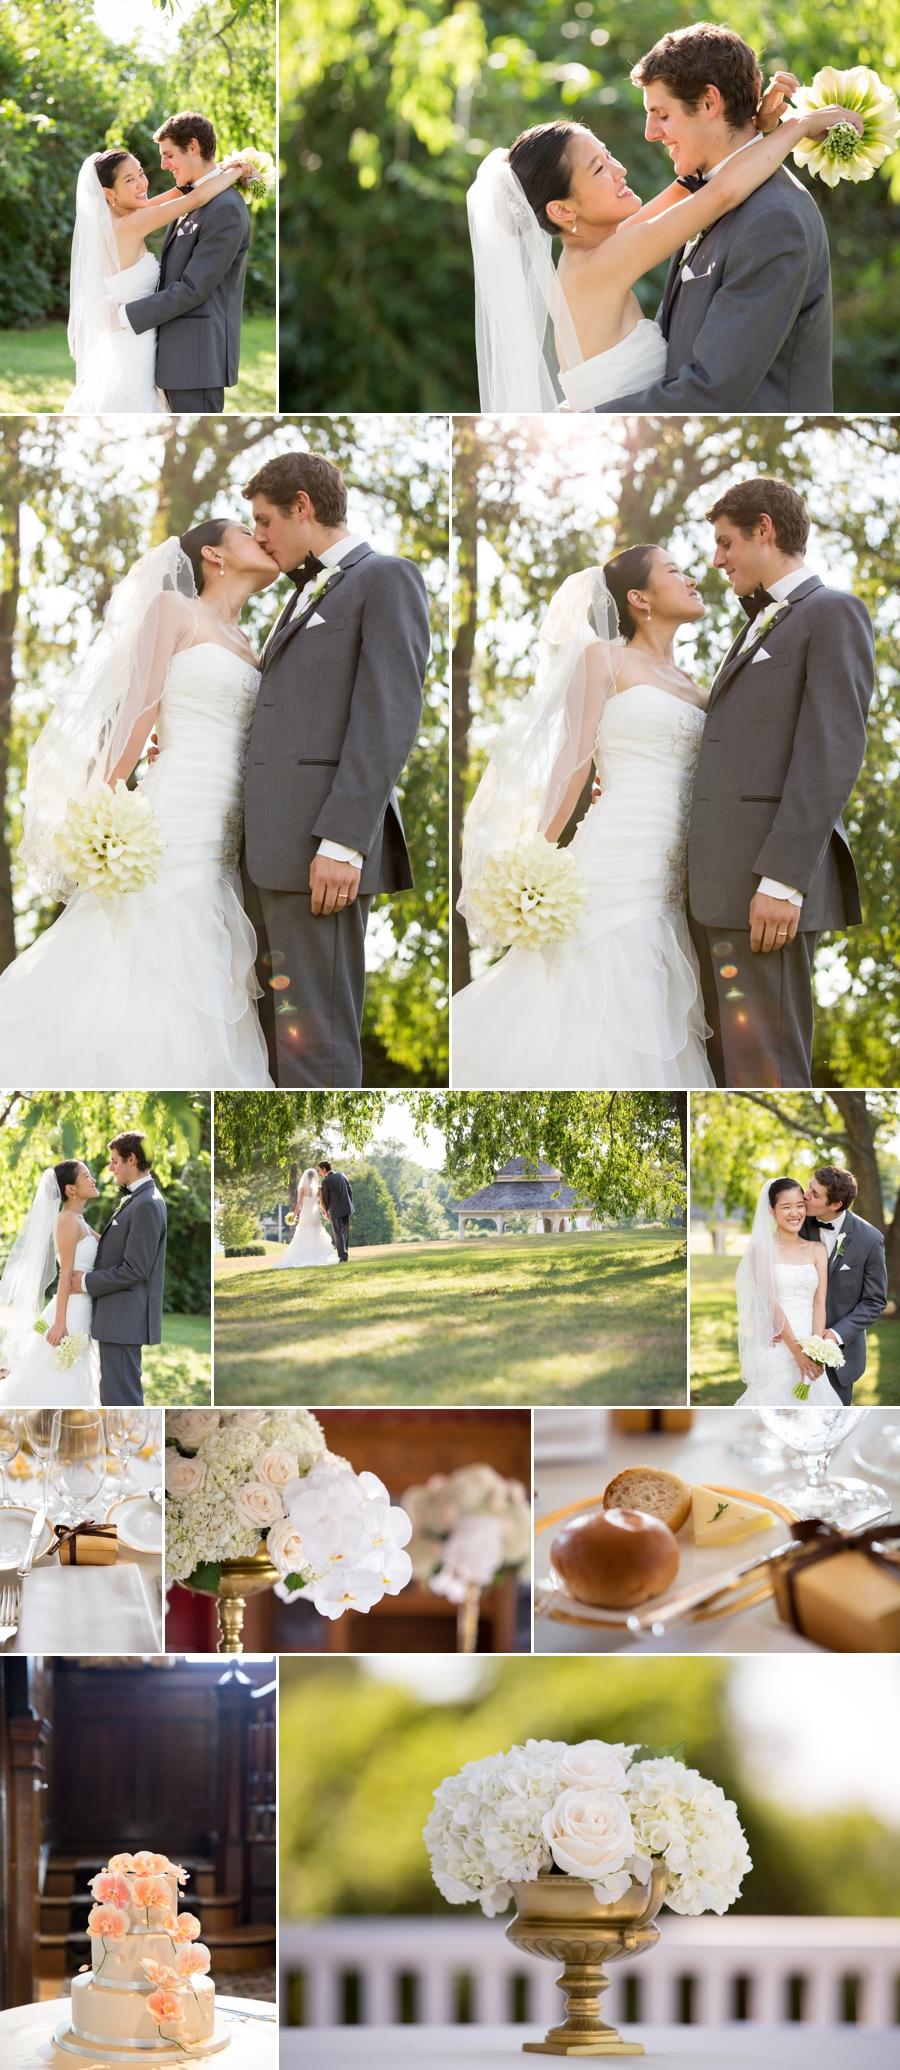 Endicott_Estate_Weddings